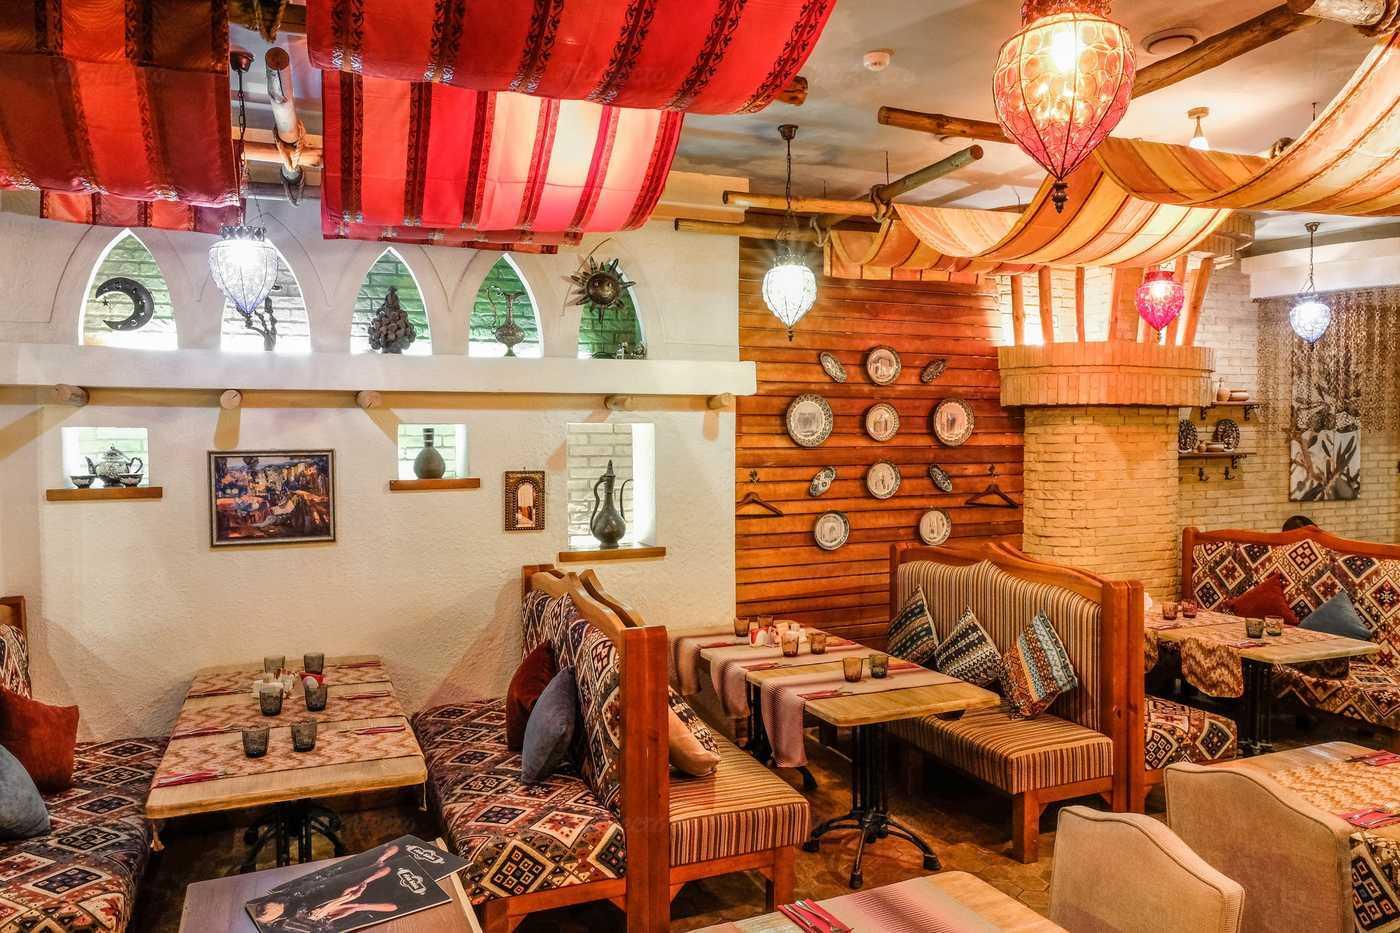 Ресторан Али-Баба на улице Белинского фото 4